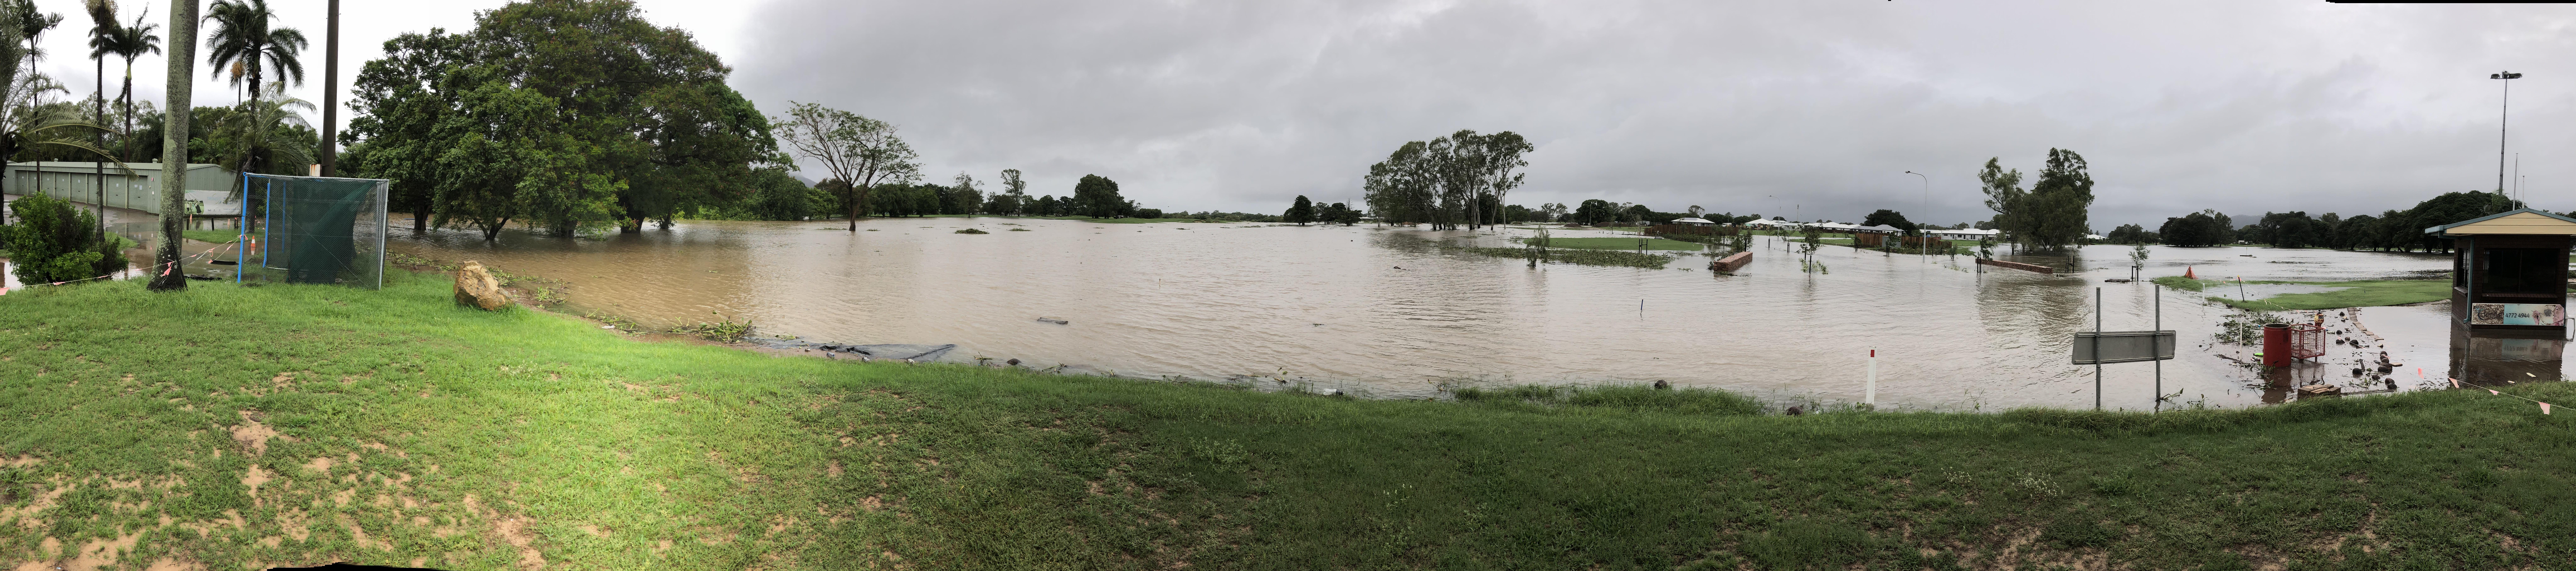 Townsville GC Hole 9 & 16